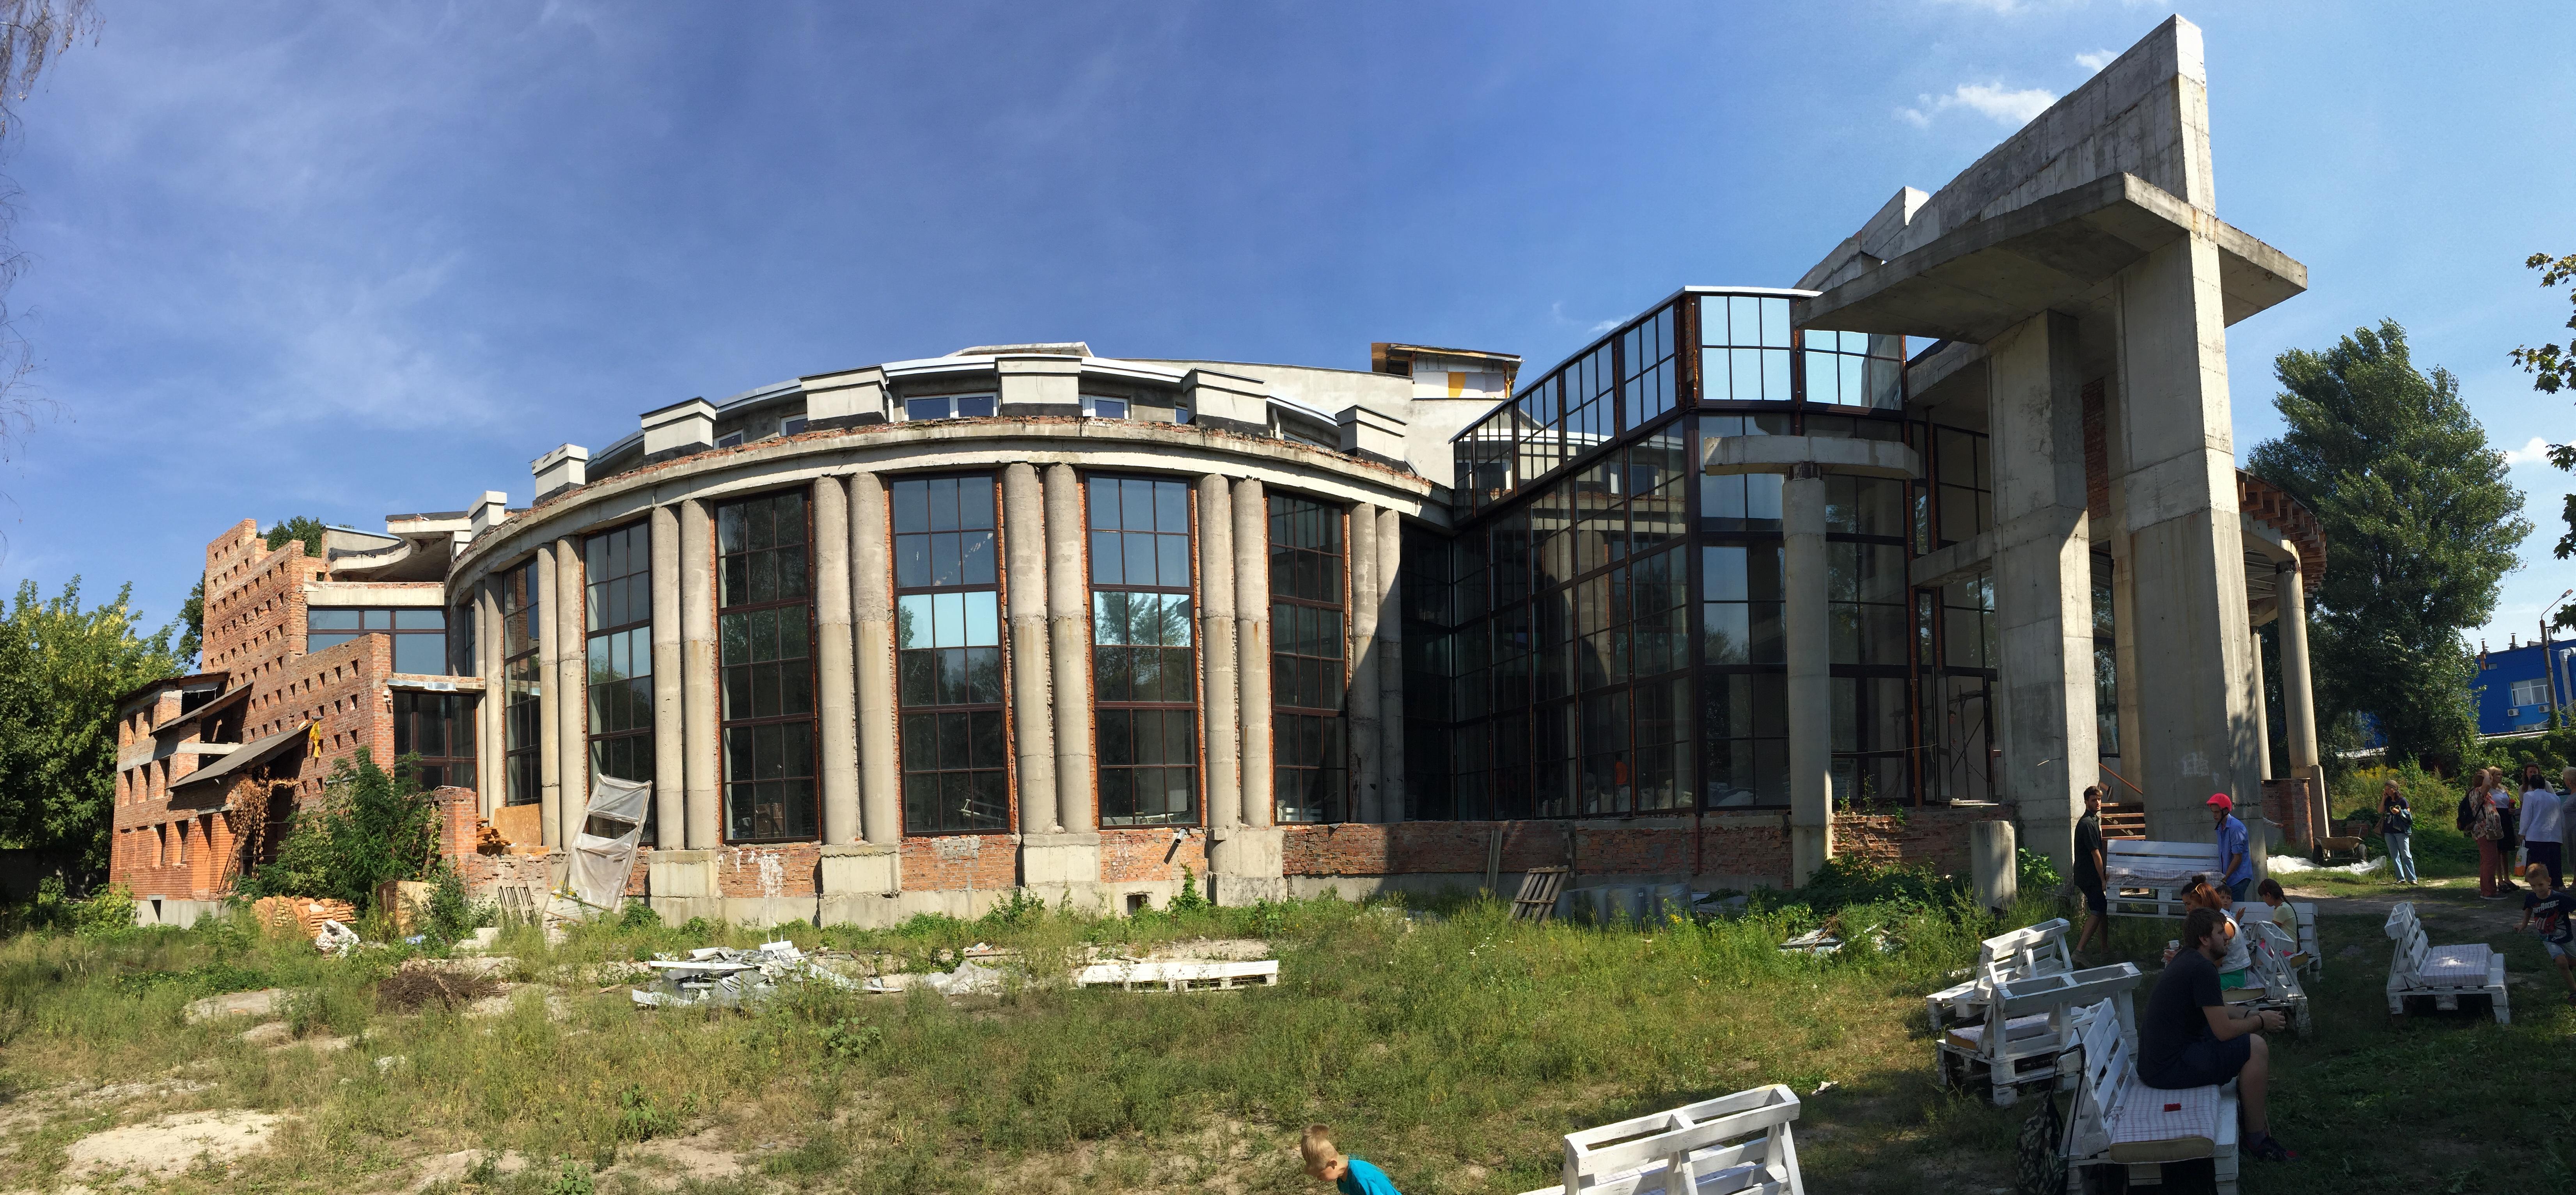 Строительство церкви Дом Небесного Архитектора, сентябрь 2016